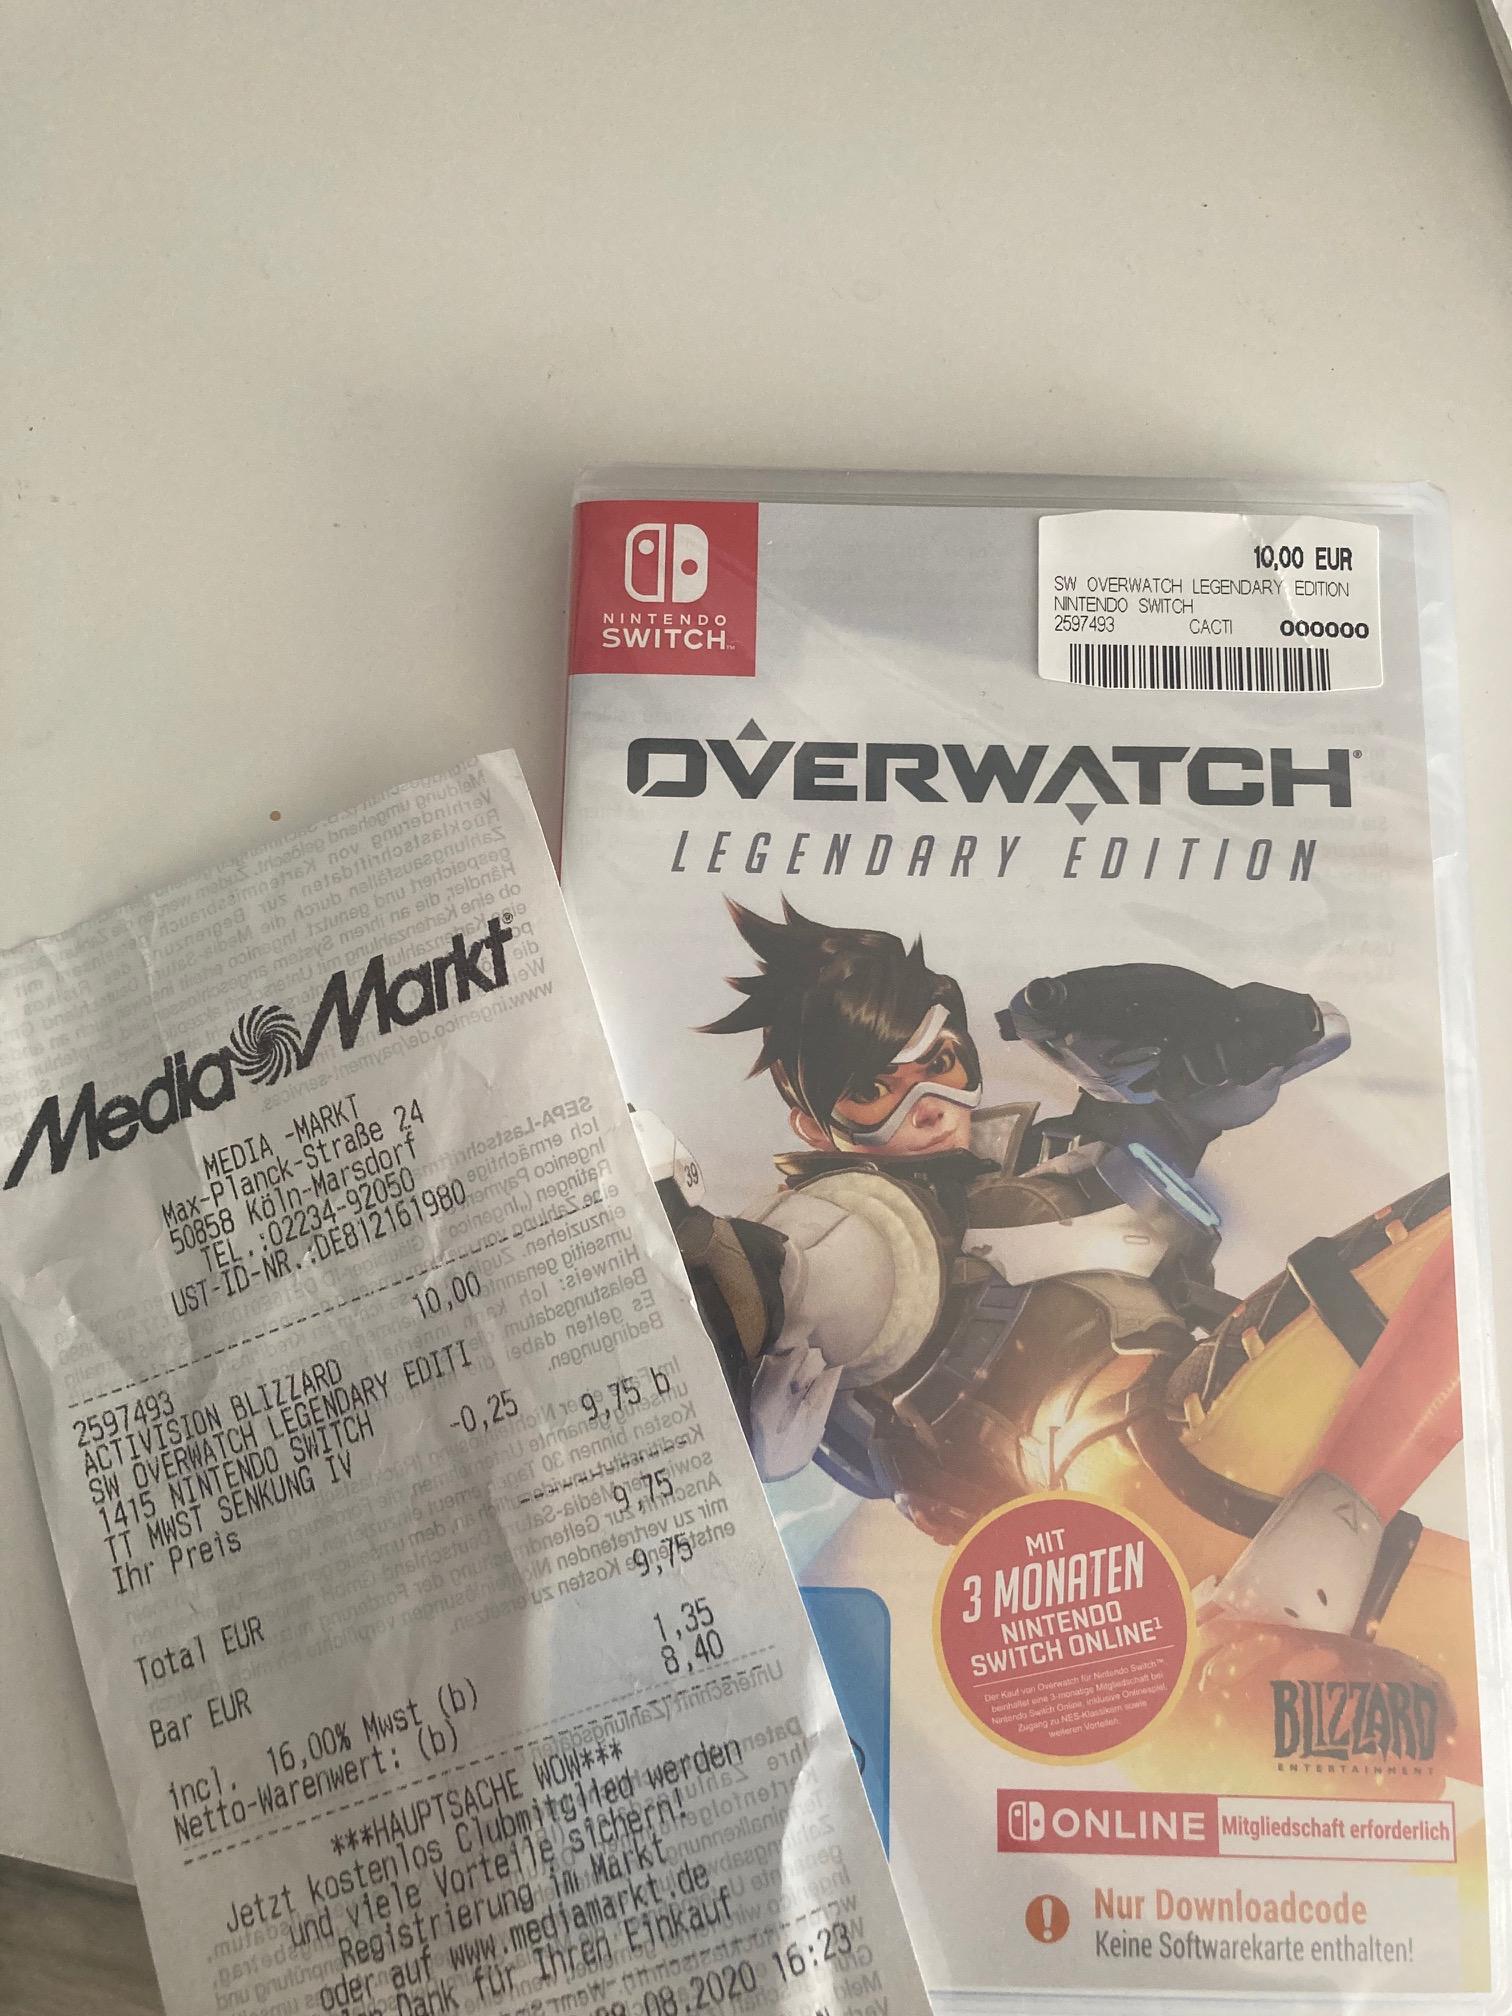 [Lokal Mediamarkt Köln-Marsdorf] Overwatch Legendary Edition + 3 Monate Online Zugang für die Nintendo Switch